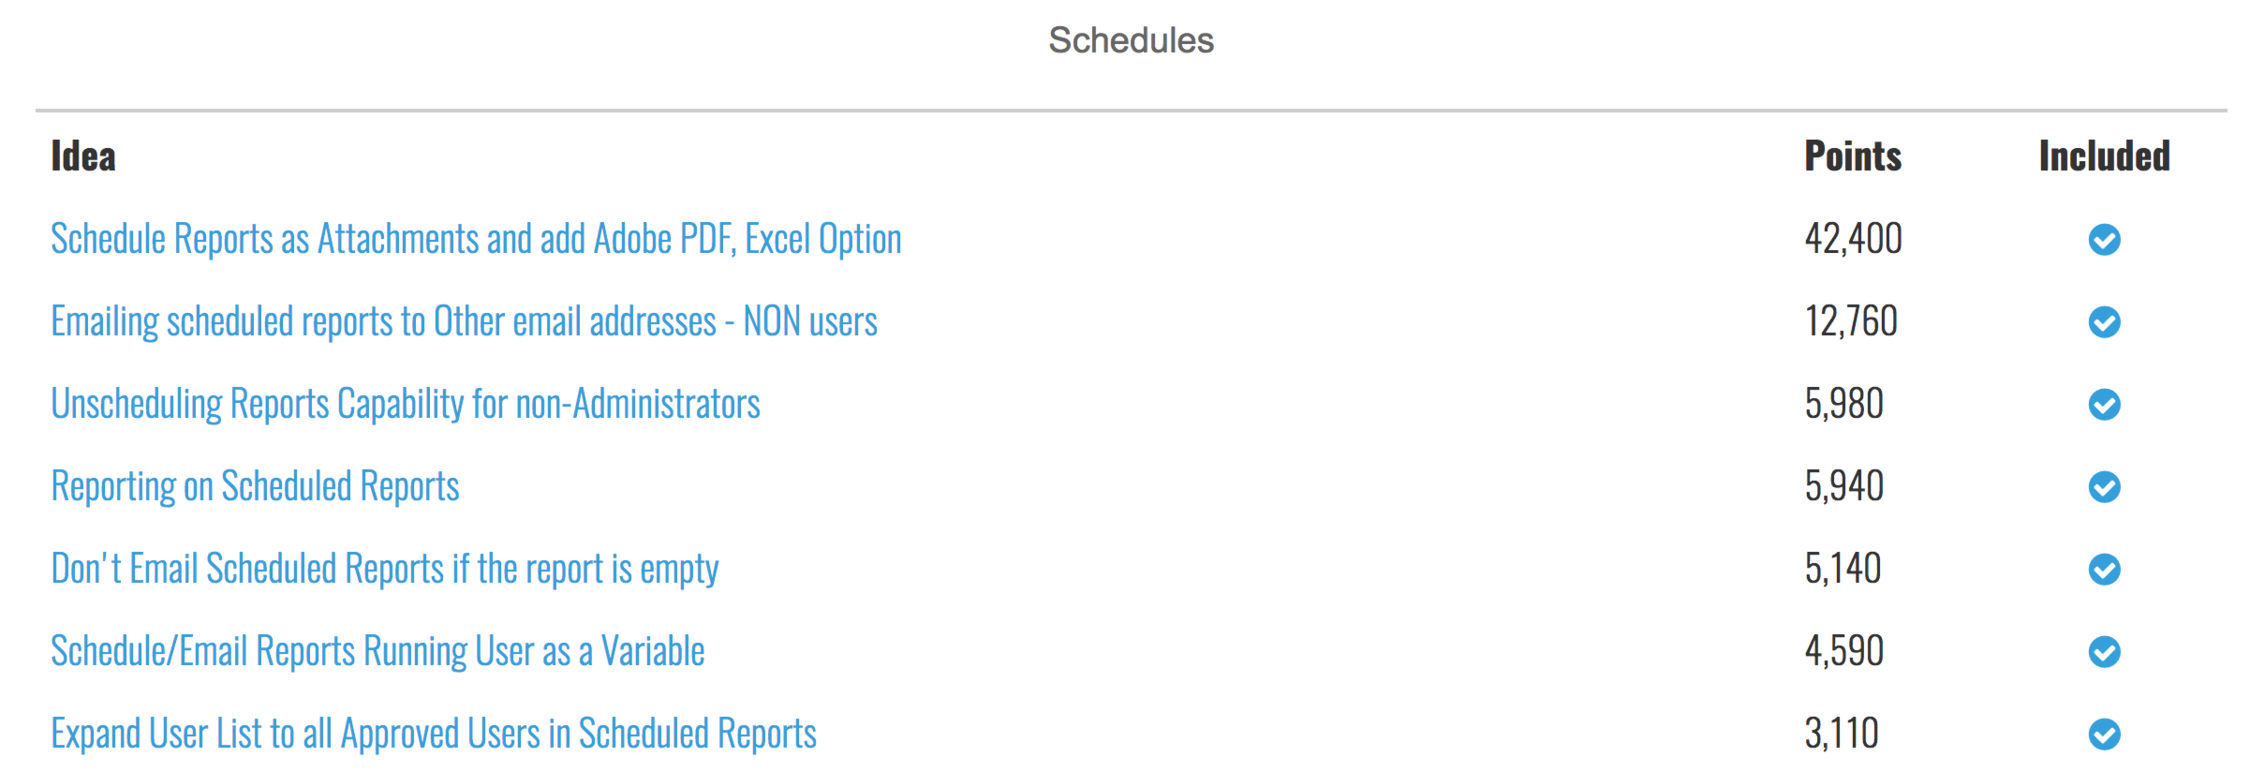 salesforce_schedule_idea (1)